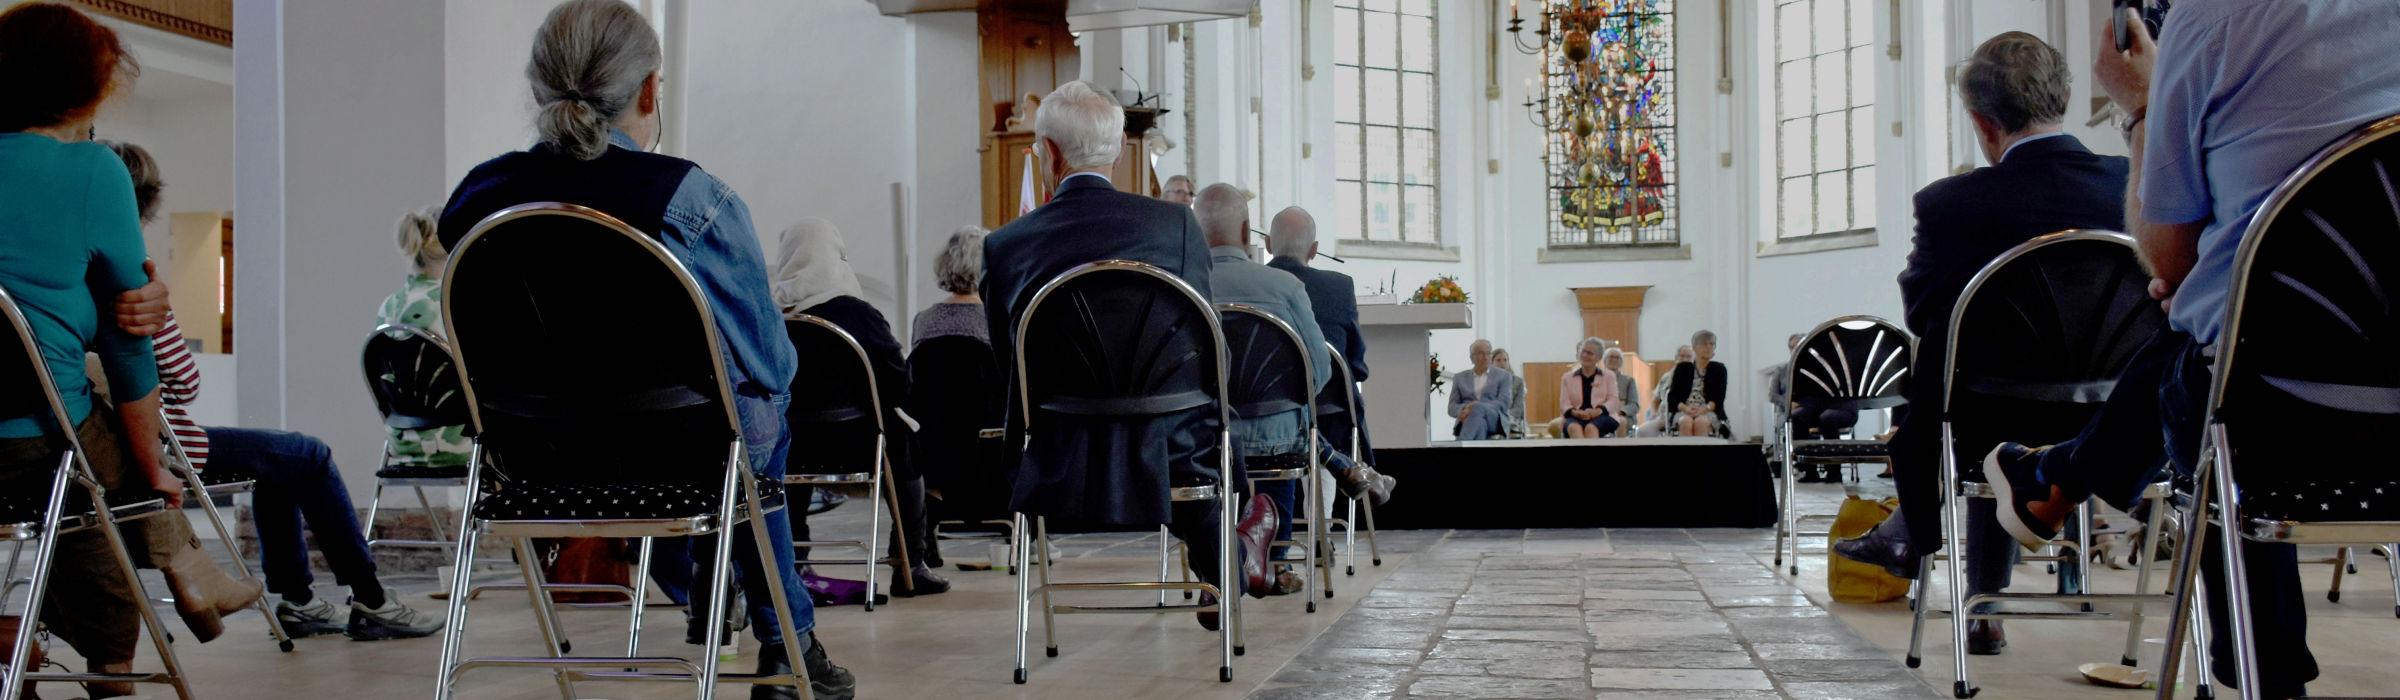 slider-grote-kerk-wageningen-herdenking